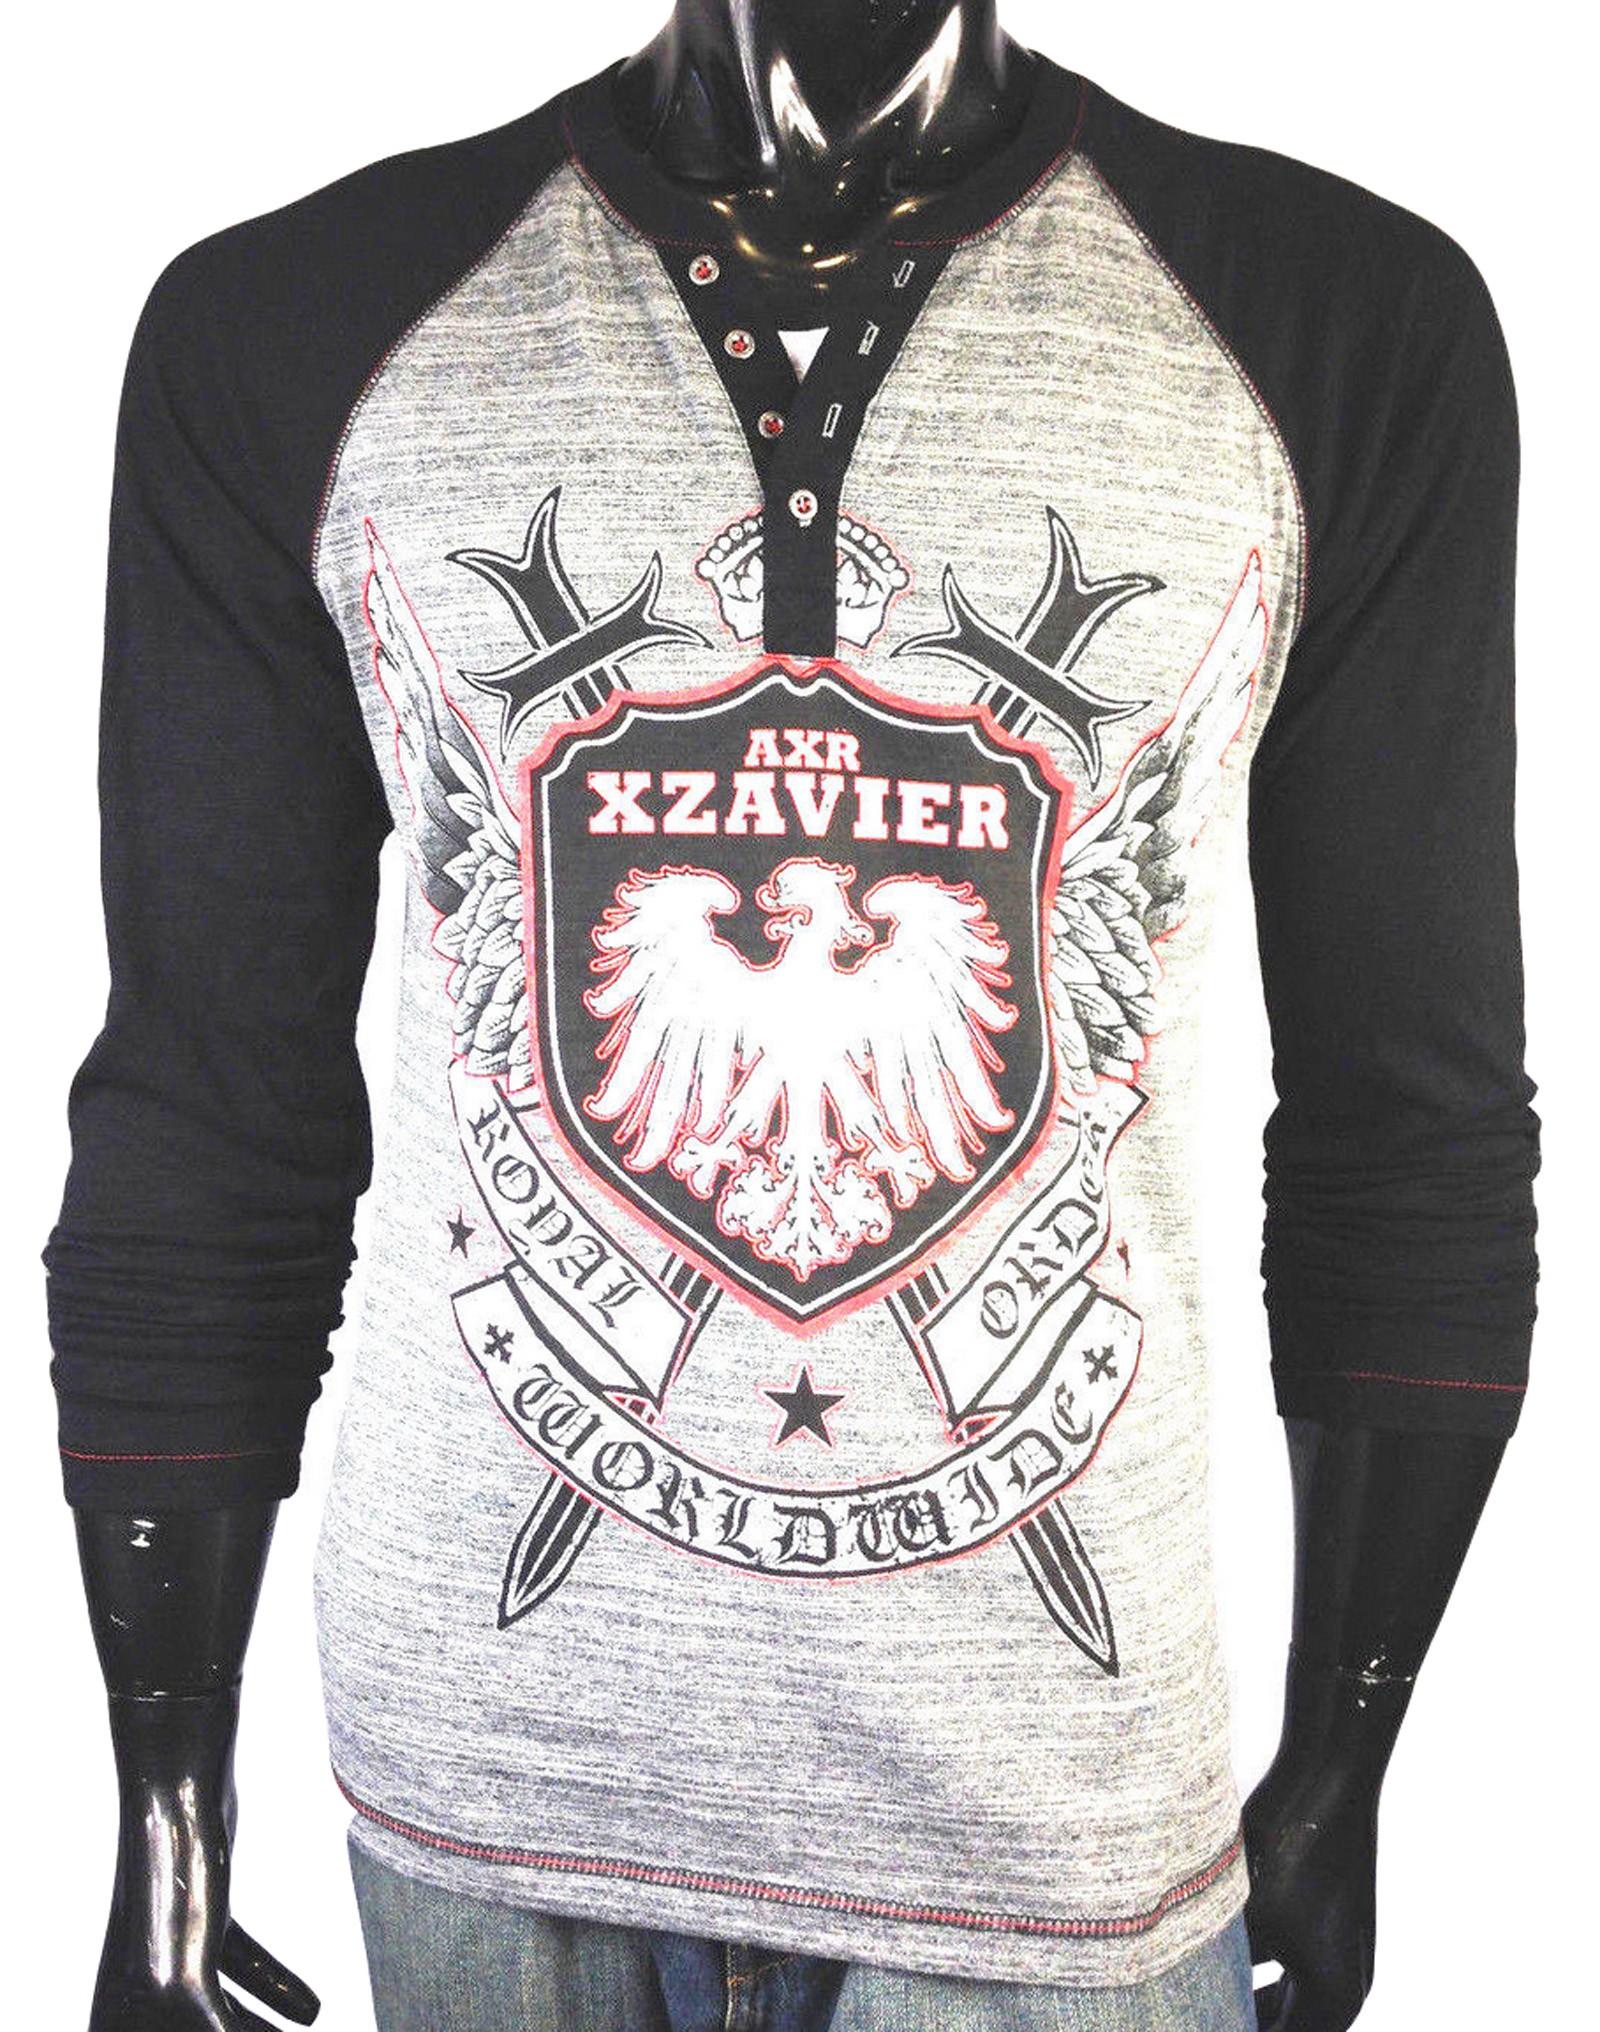 Xzavier - Coat to Farm Eagle Longsleeve T-Shirt